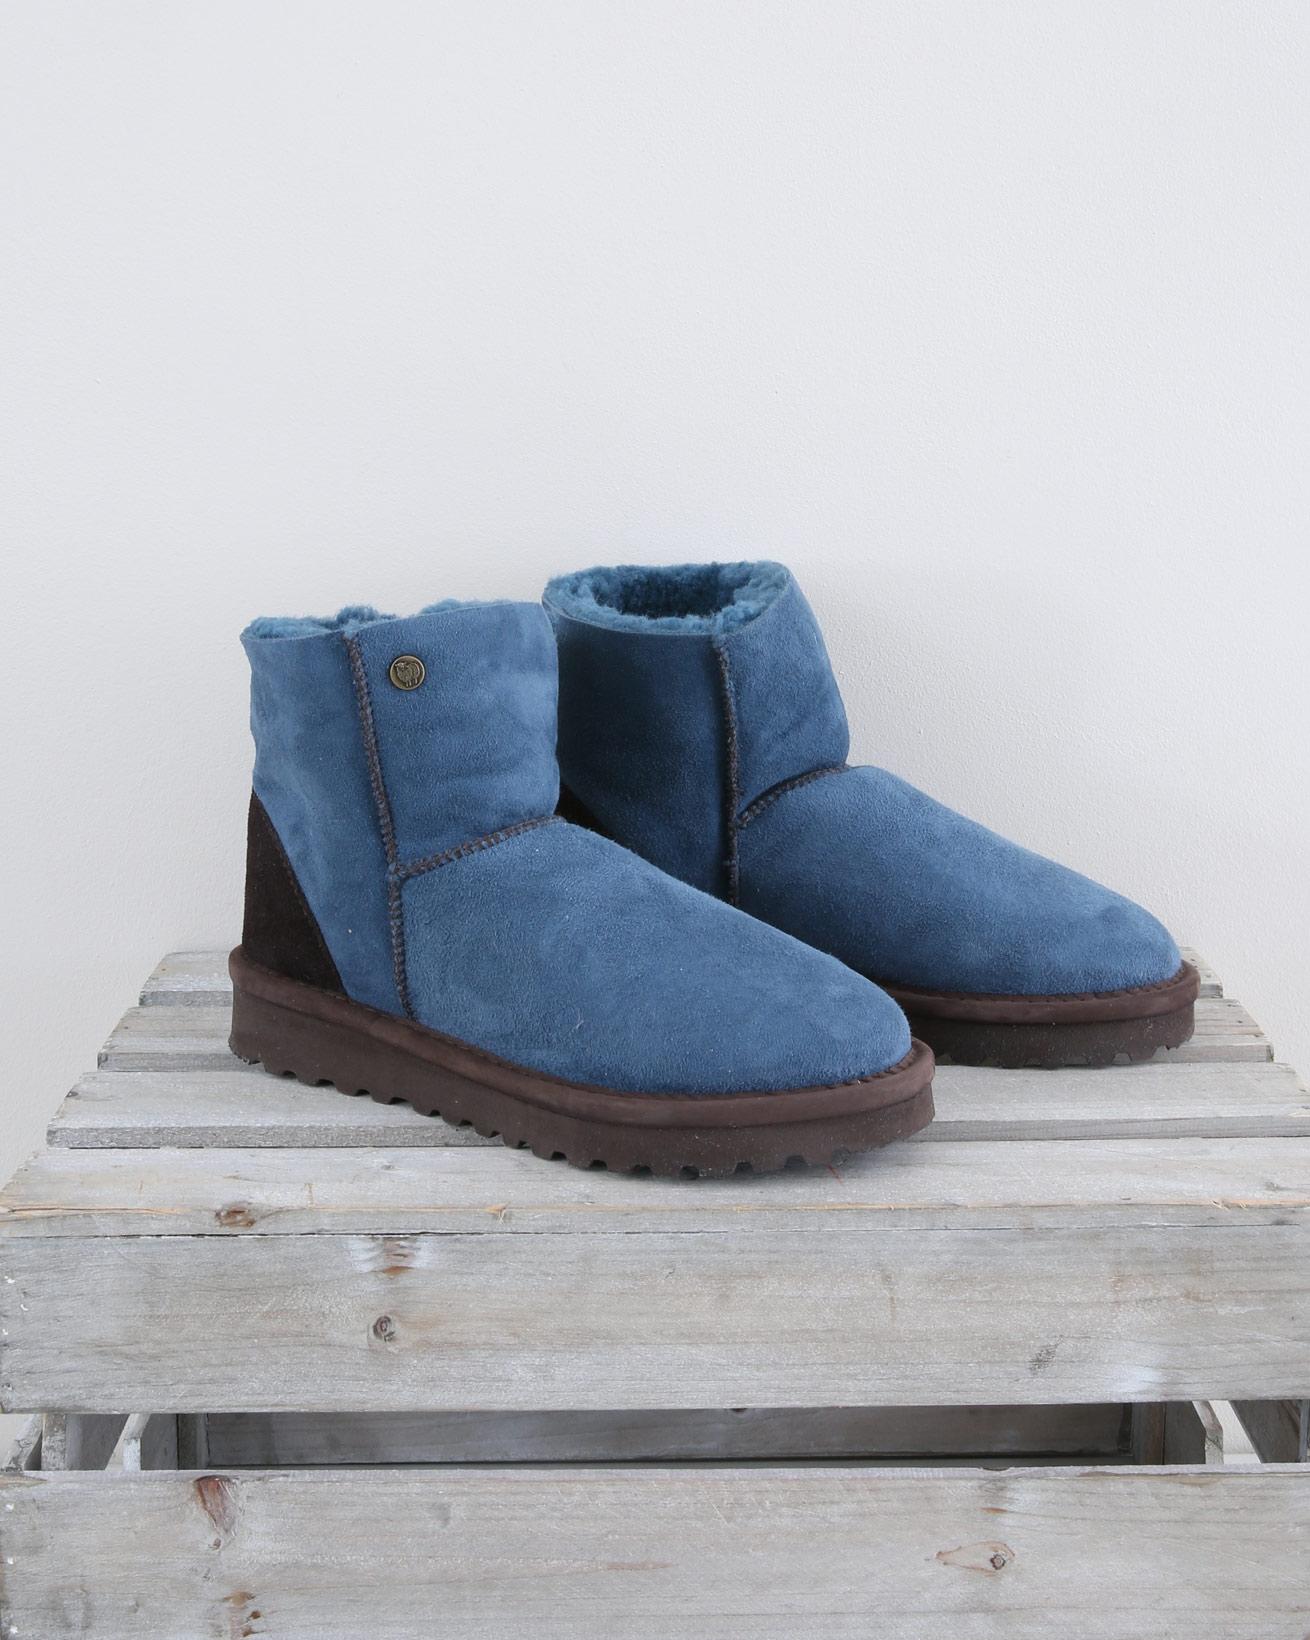 Celt Shortie Boots - Size 6 - Icelandic Blue - 1556